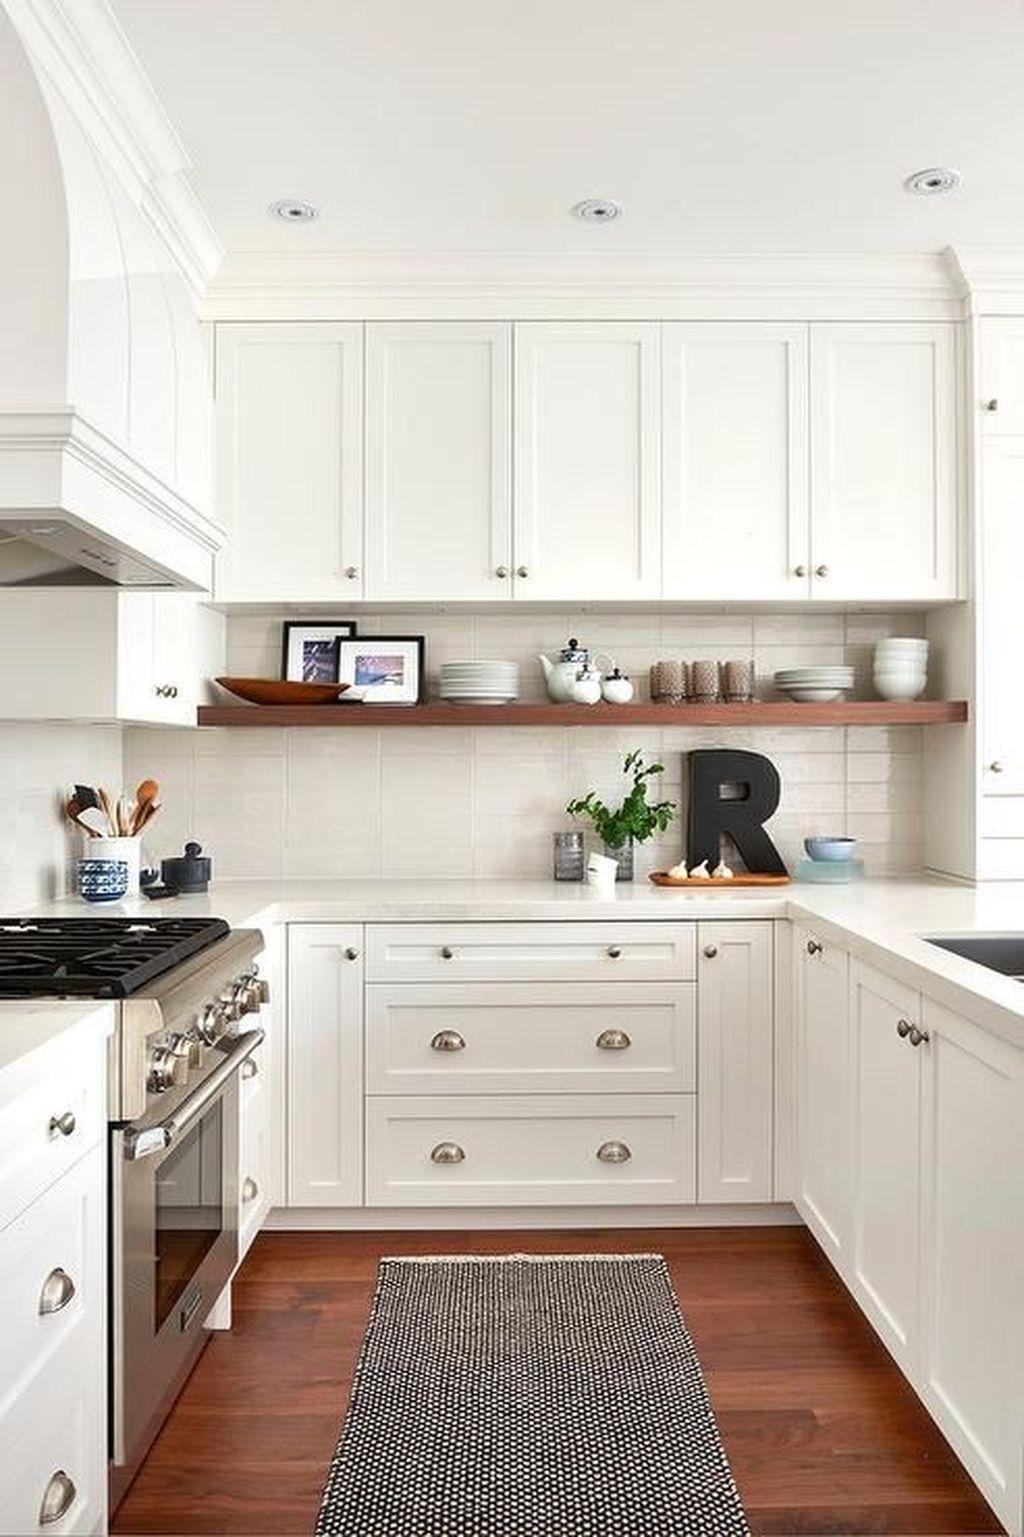 30 stylish u shaped kitchen remodel ideas in 2020 white shaker kitchen kitchen layout new on kitchen ideas u shaped id=78476